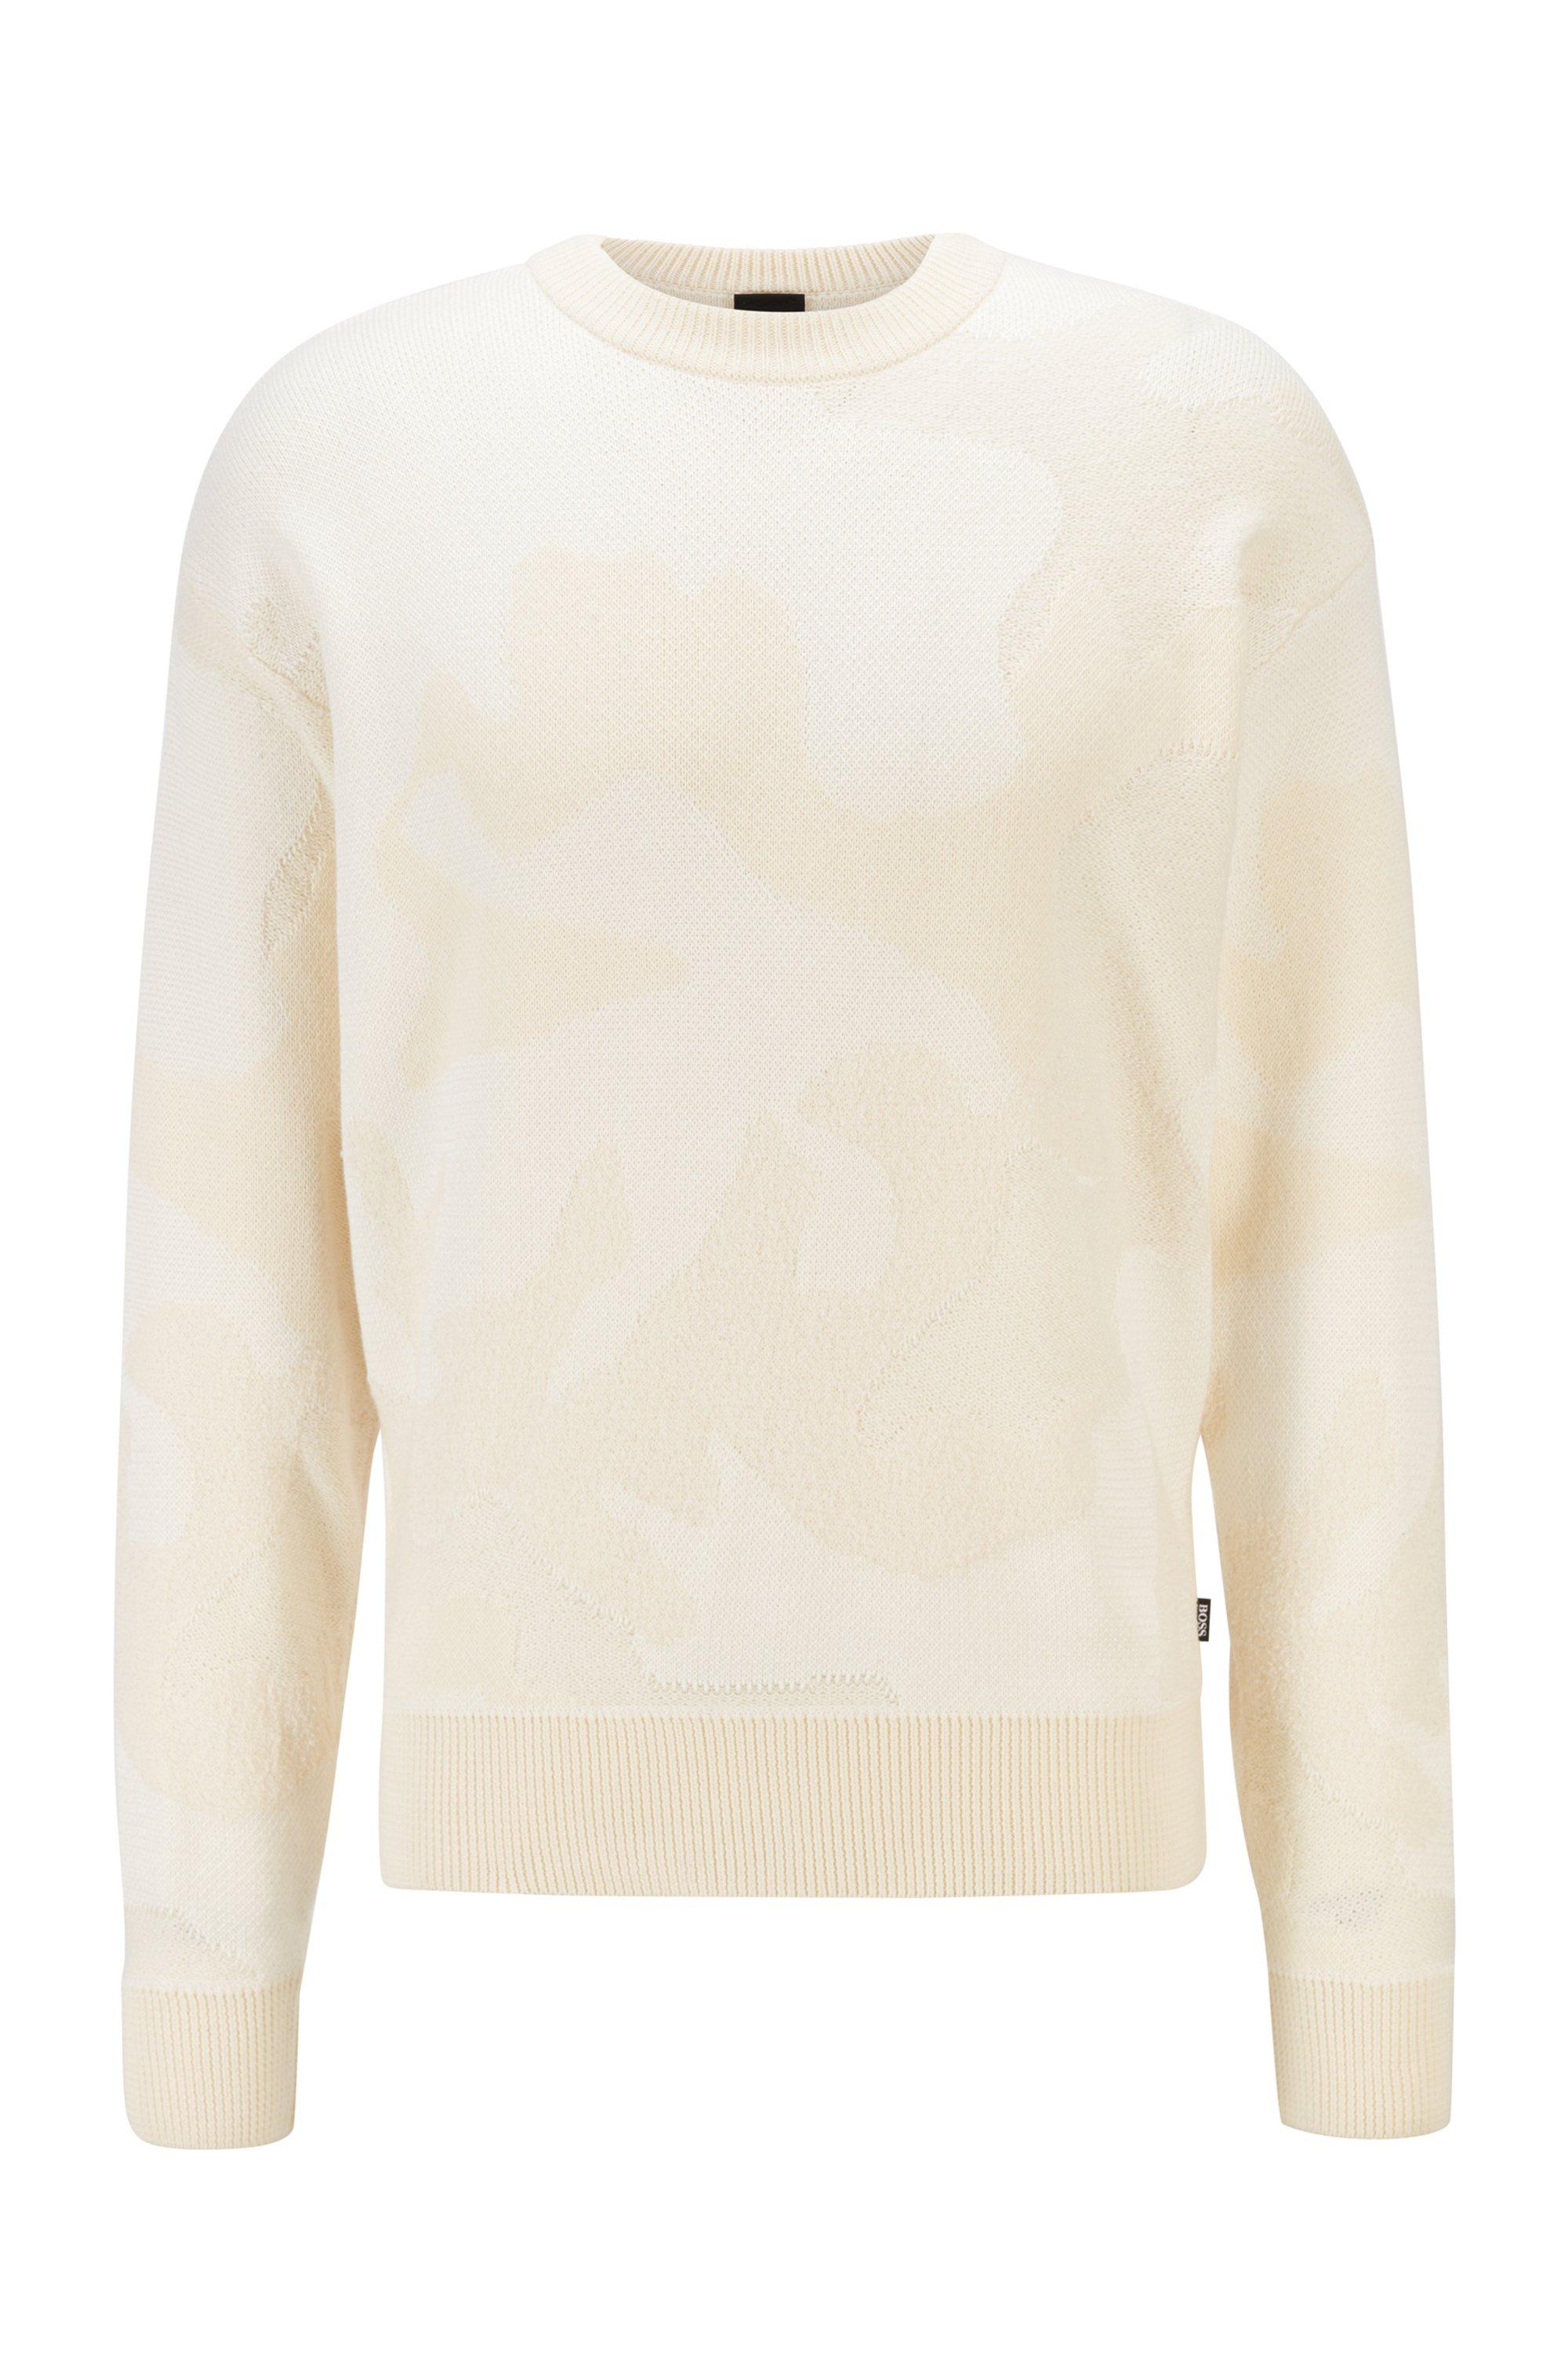 Jacquard-Pullover aus Baumwoll-Mix mit Camouflage-Muster, Weiß